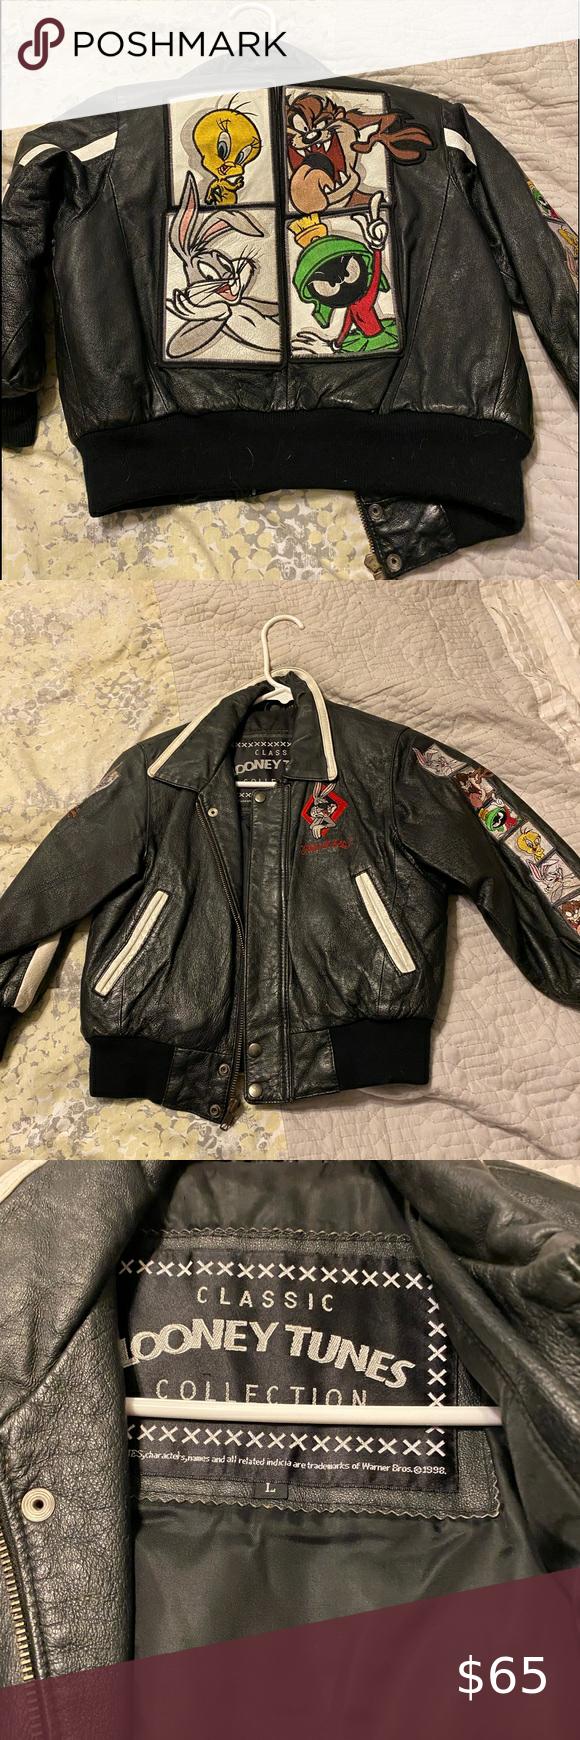 Looney Tunes Boys Size Large Leather Jacket Leather Jacket Jackets Leather [ 1740 x 580 Pixel ]